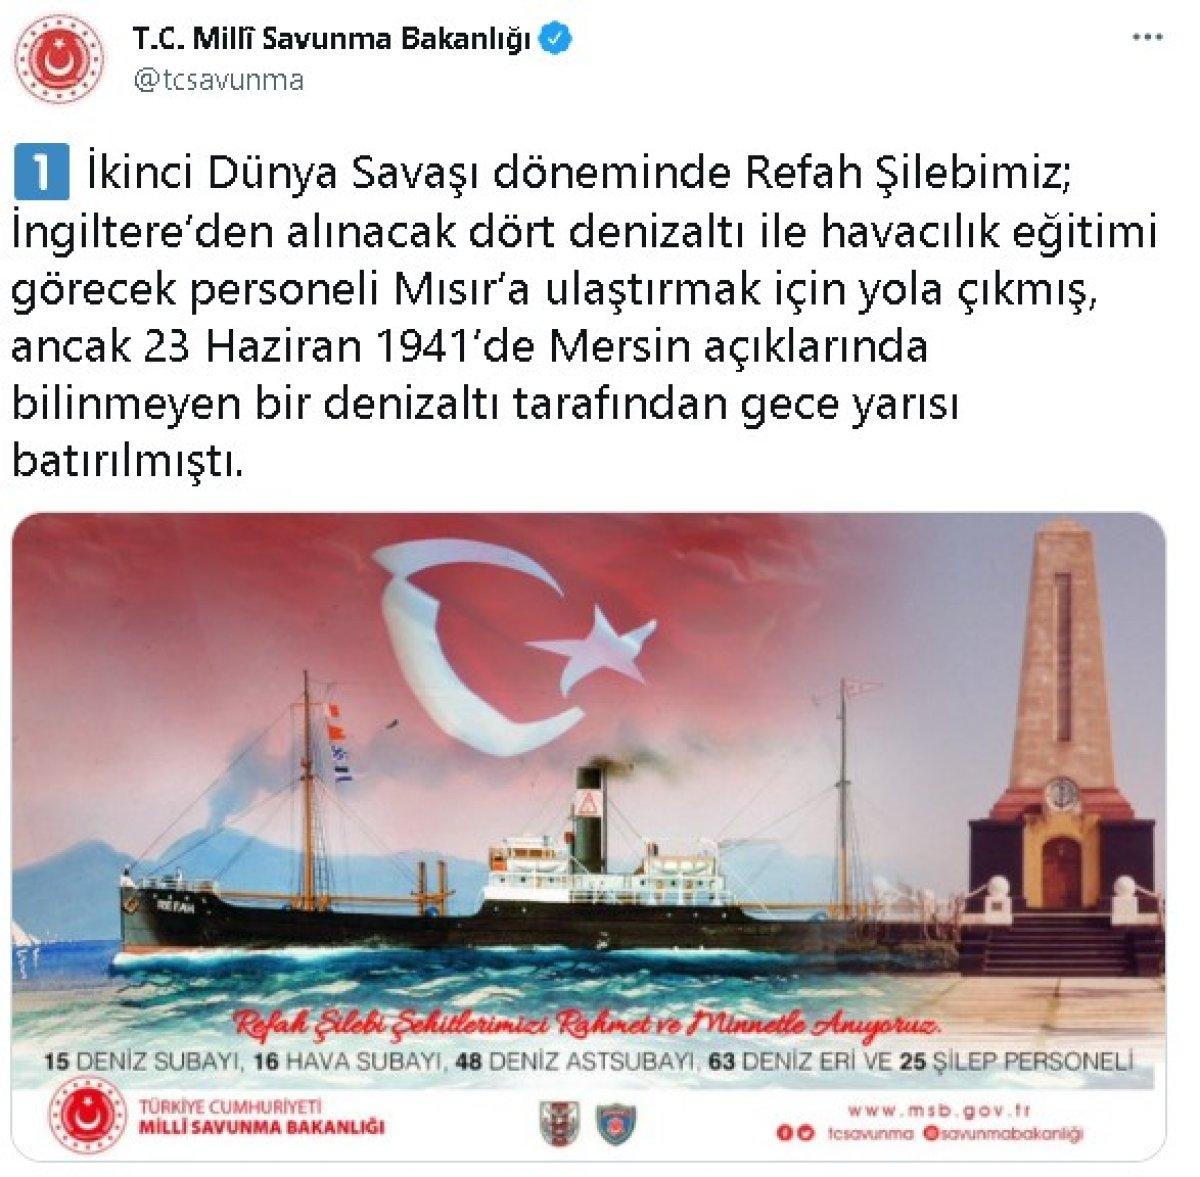 Milli Savunma Bakanlığı Refah Şilebi şehitlerini andı #1